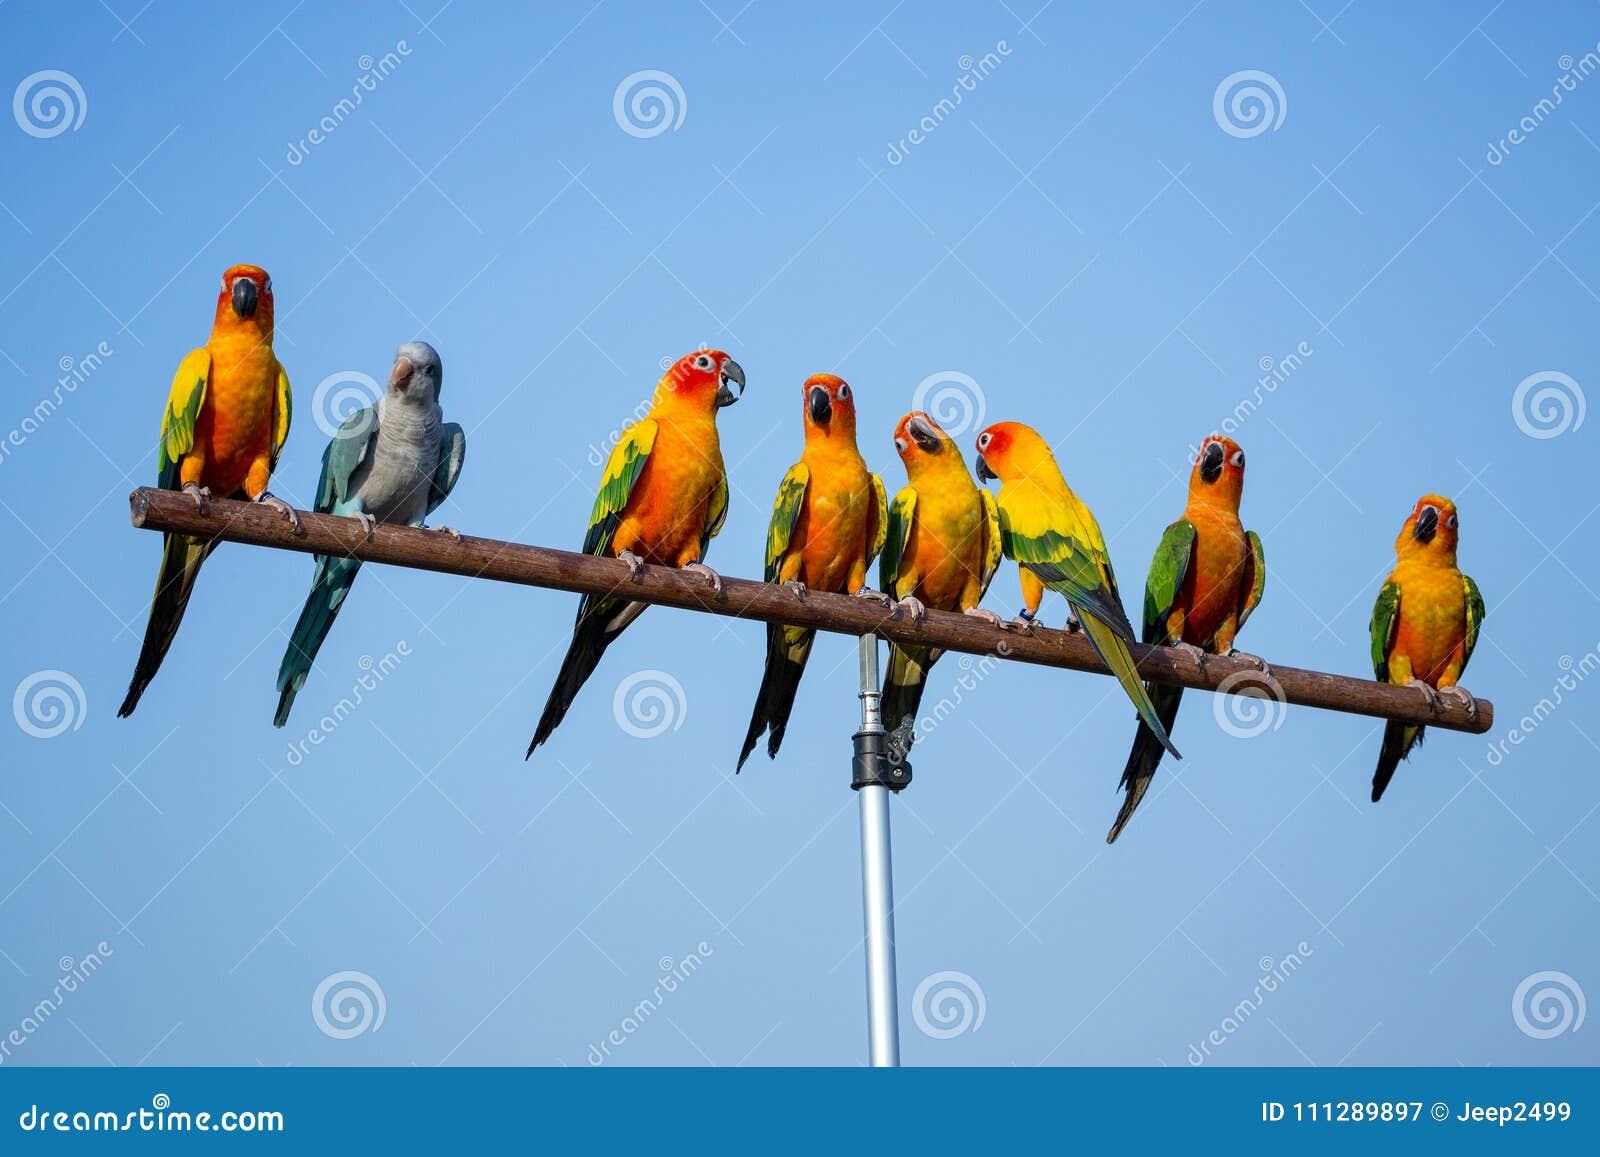 Een kleine multi-colored papegaai op een tak